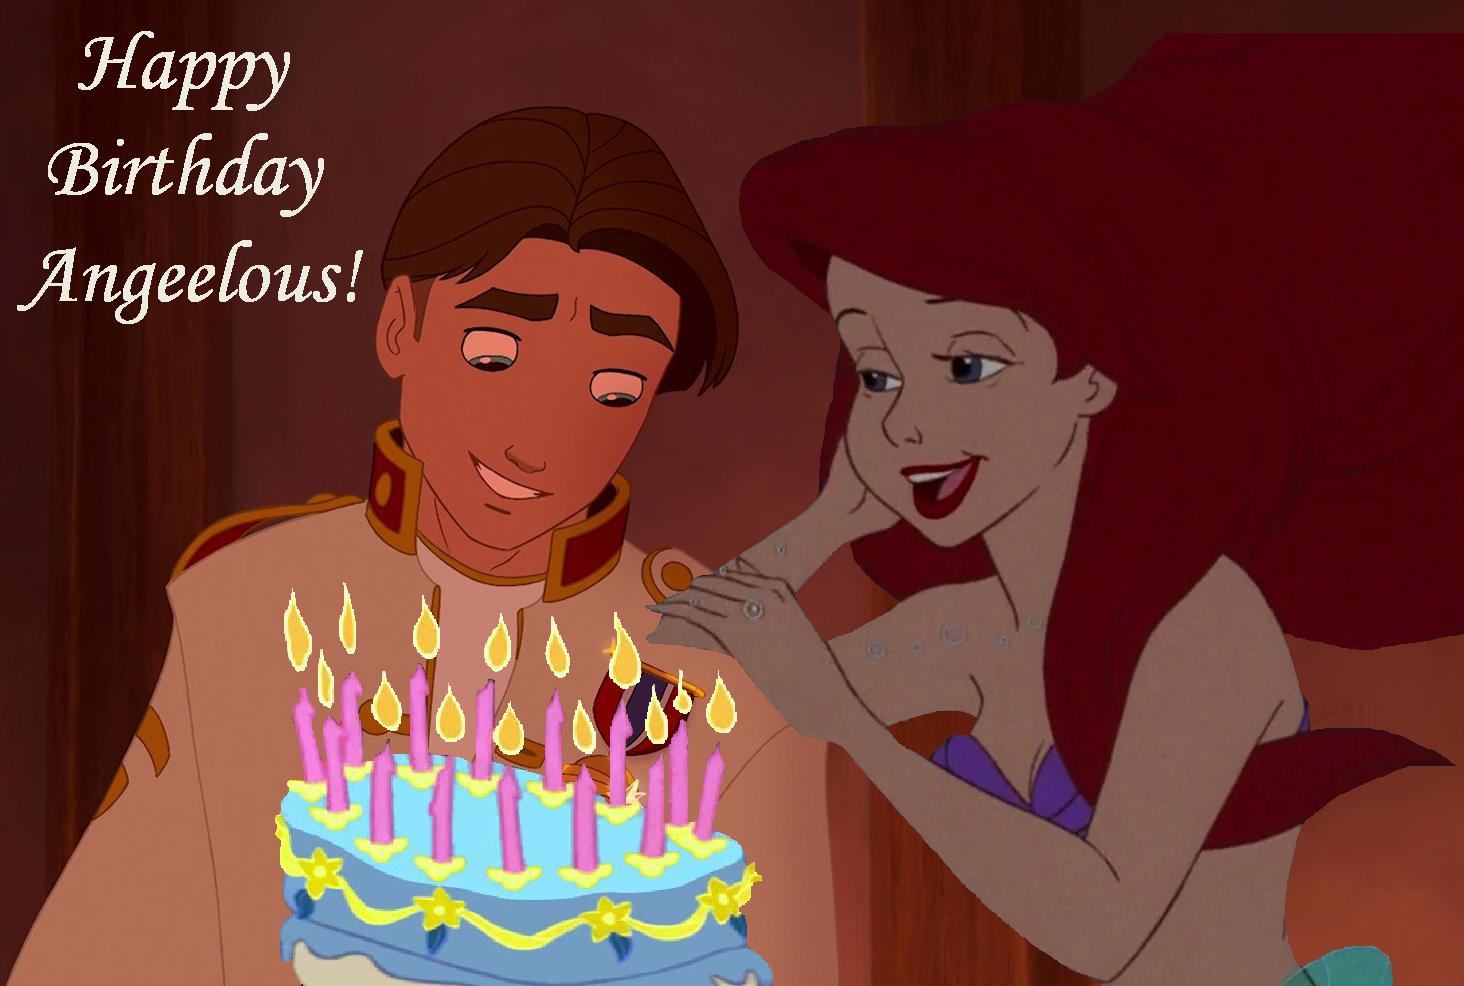 Happy Birthday Angeelous!